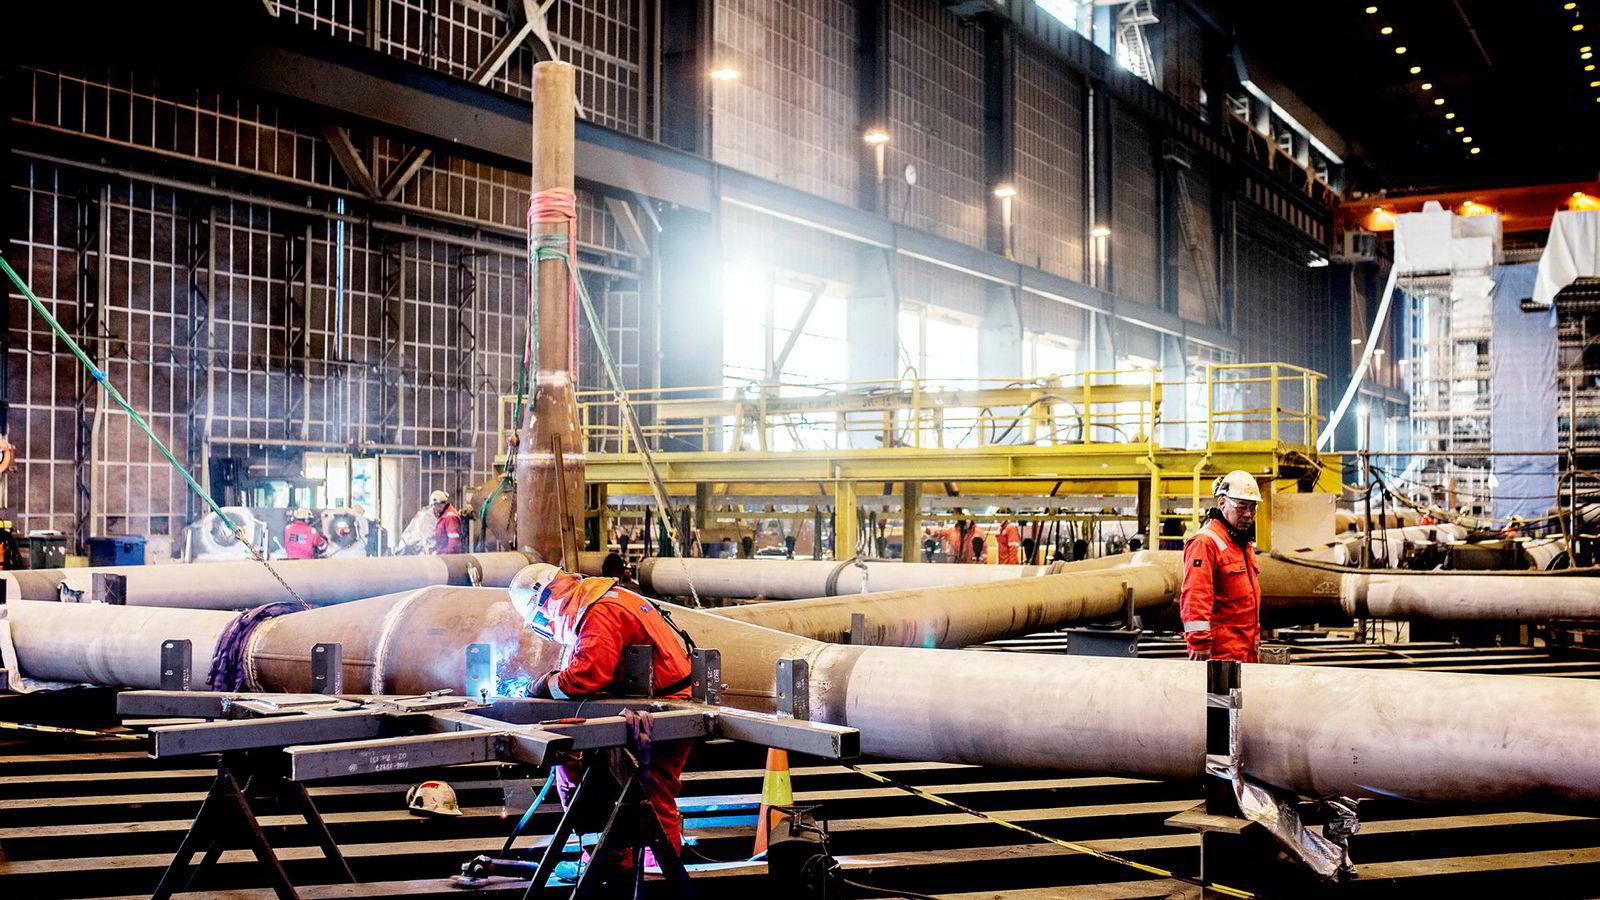 Aktiviteten er på vei opp i norsk oljeservice, men lønnsomheten er fortsatt under press. Her ved Rosenberg Verft bygges det nå gangbroer og fakkeltårn til Johan Sverdrup-feltet.